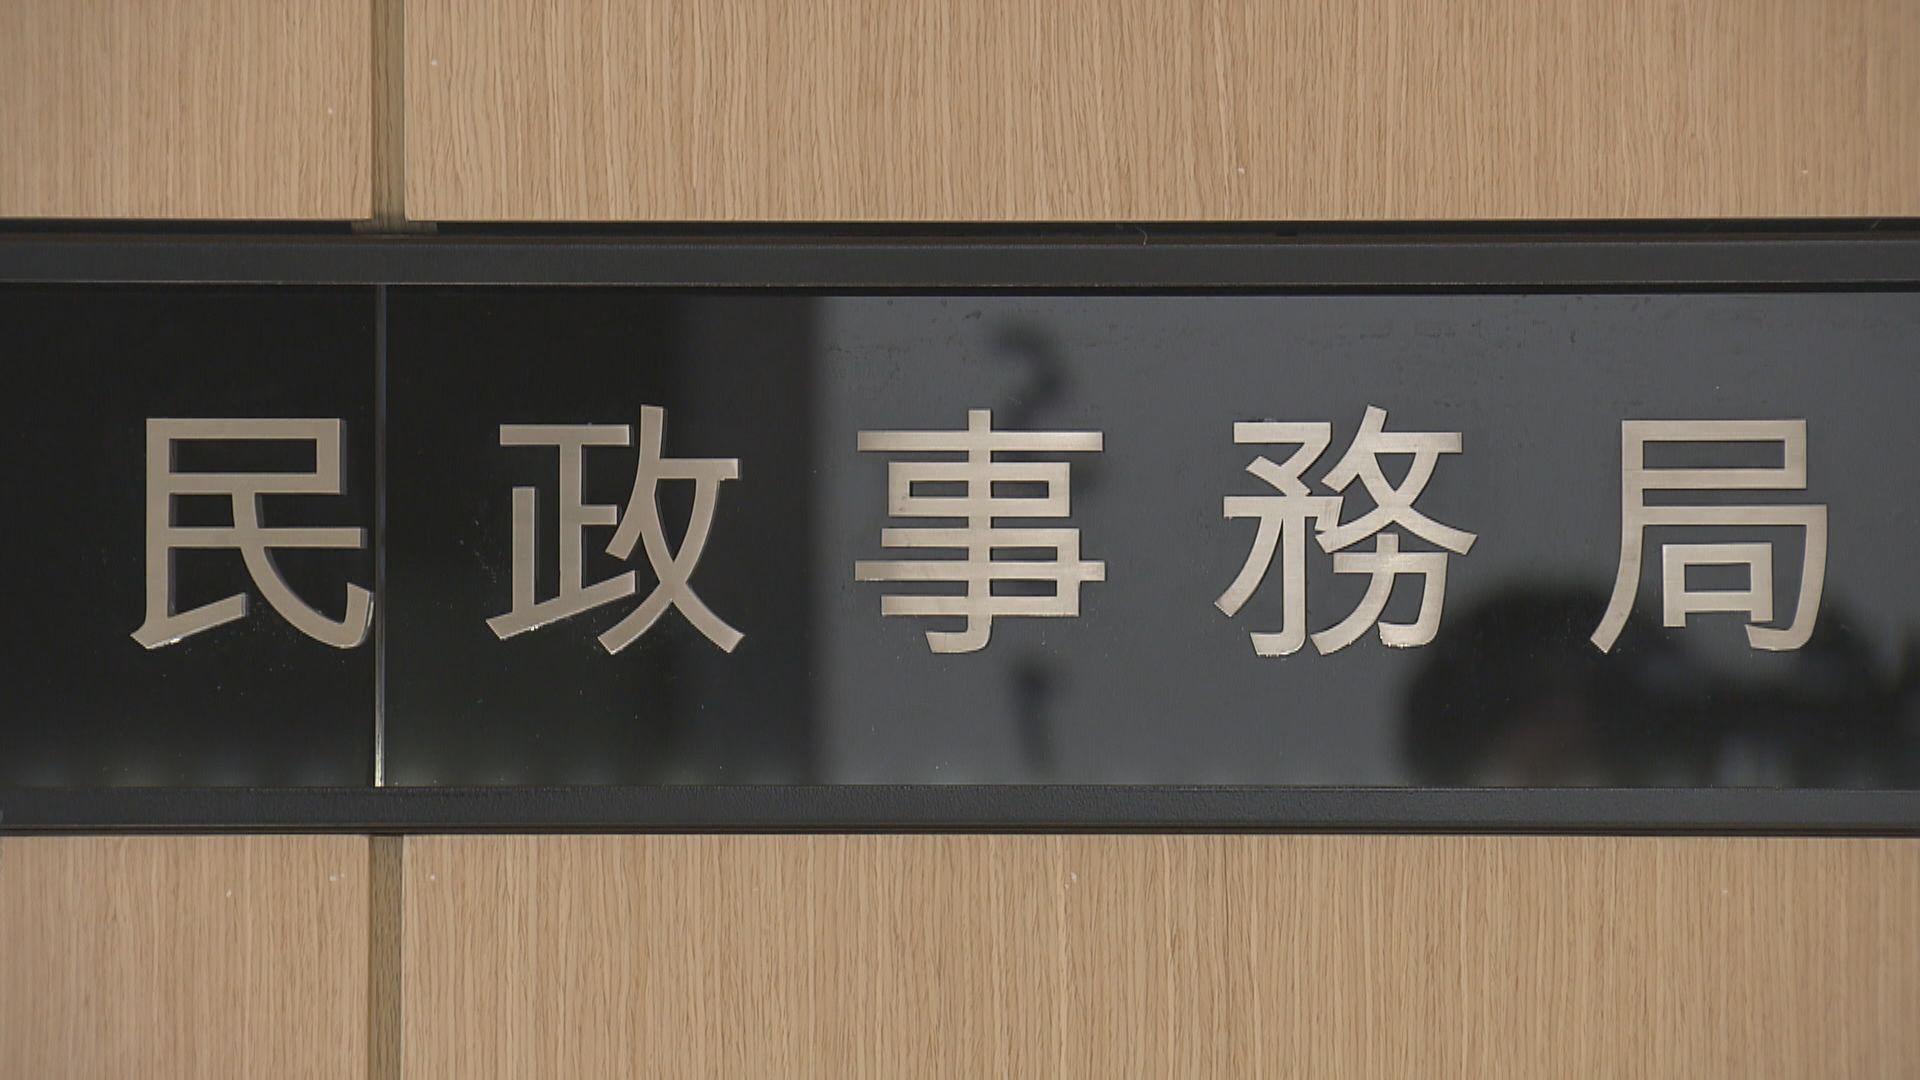 民政局就九龍城區議會拒鄧炳強出席表示遺憾